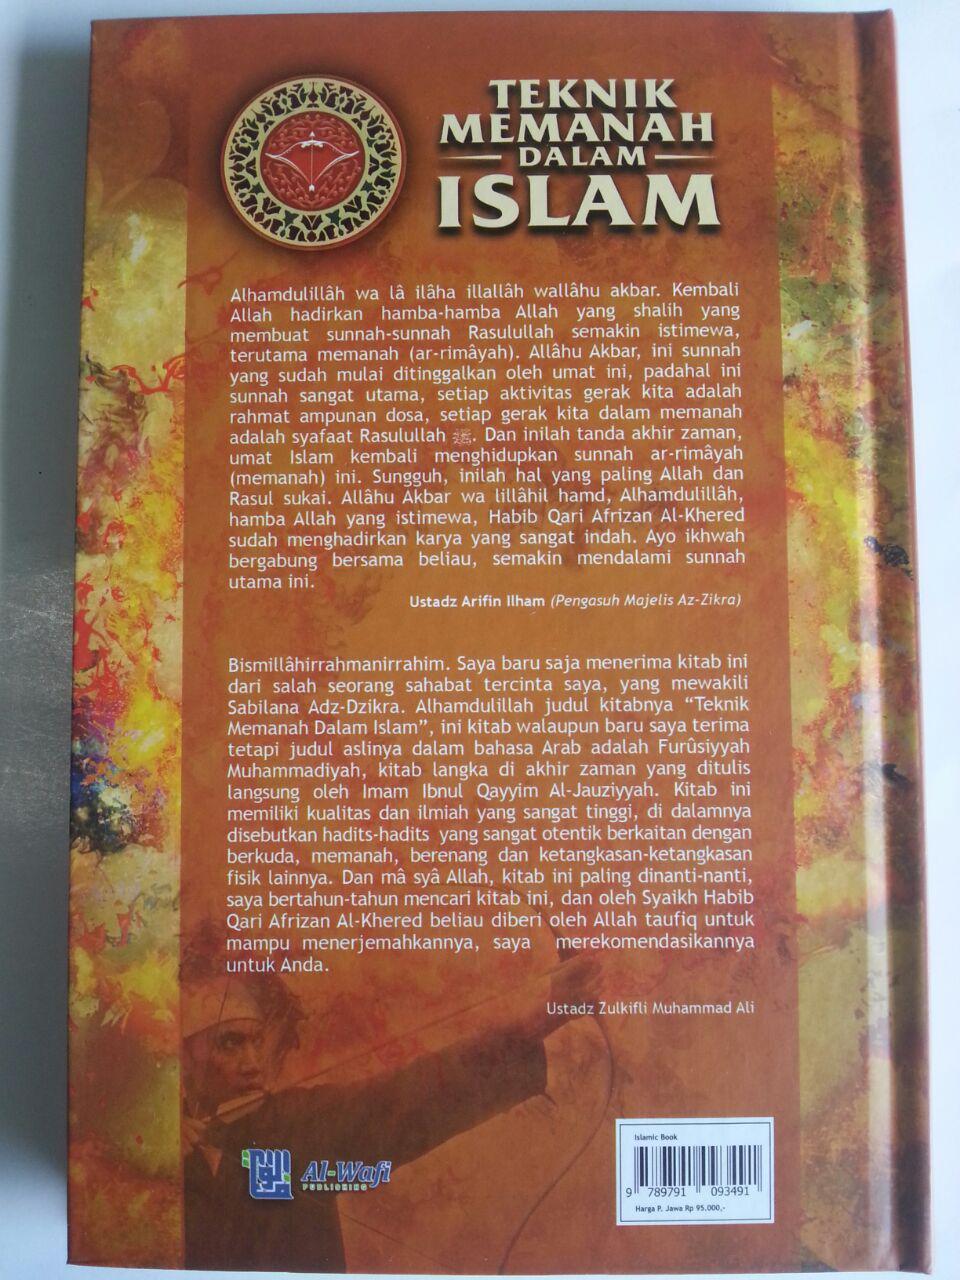 Buku Teknik Memanah Dalam Islam Dan Ketangkasan Lain Bergambar cover